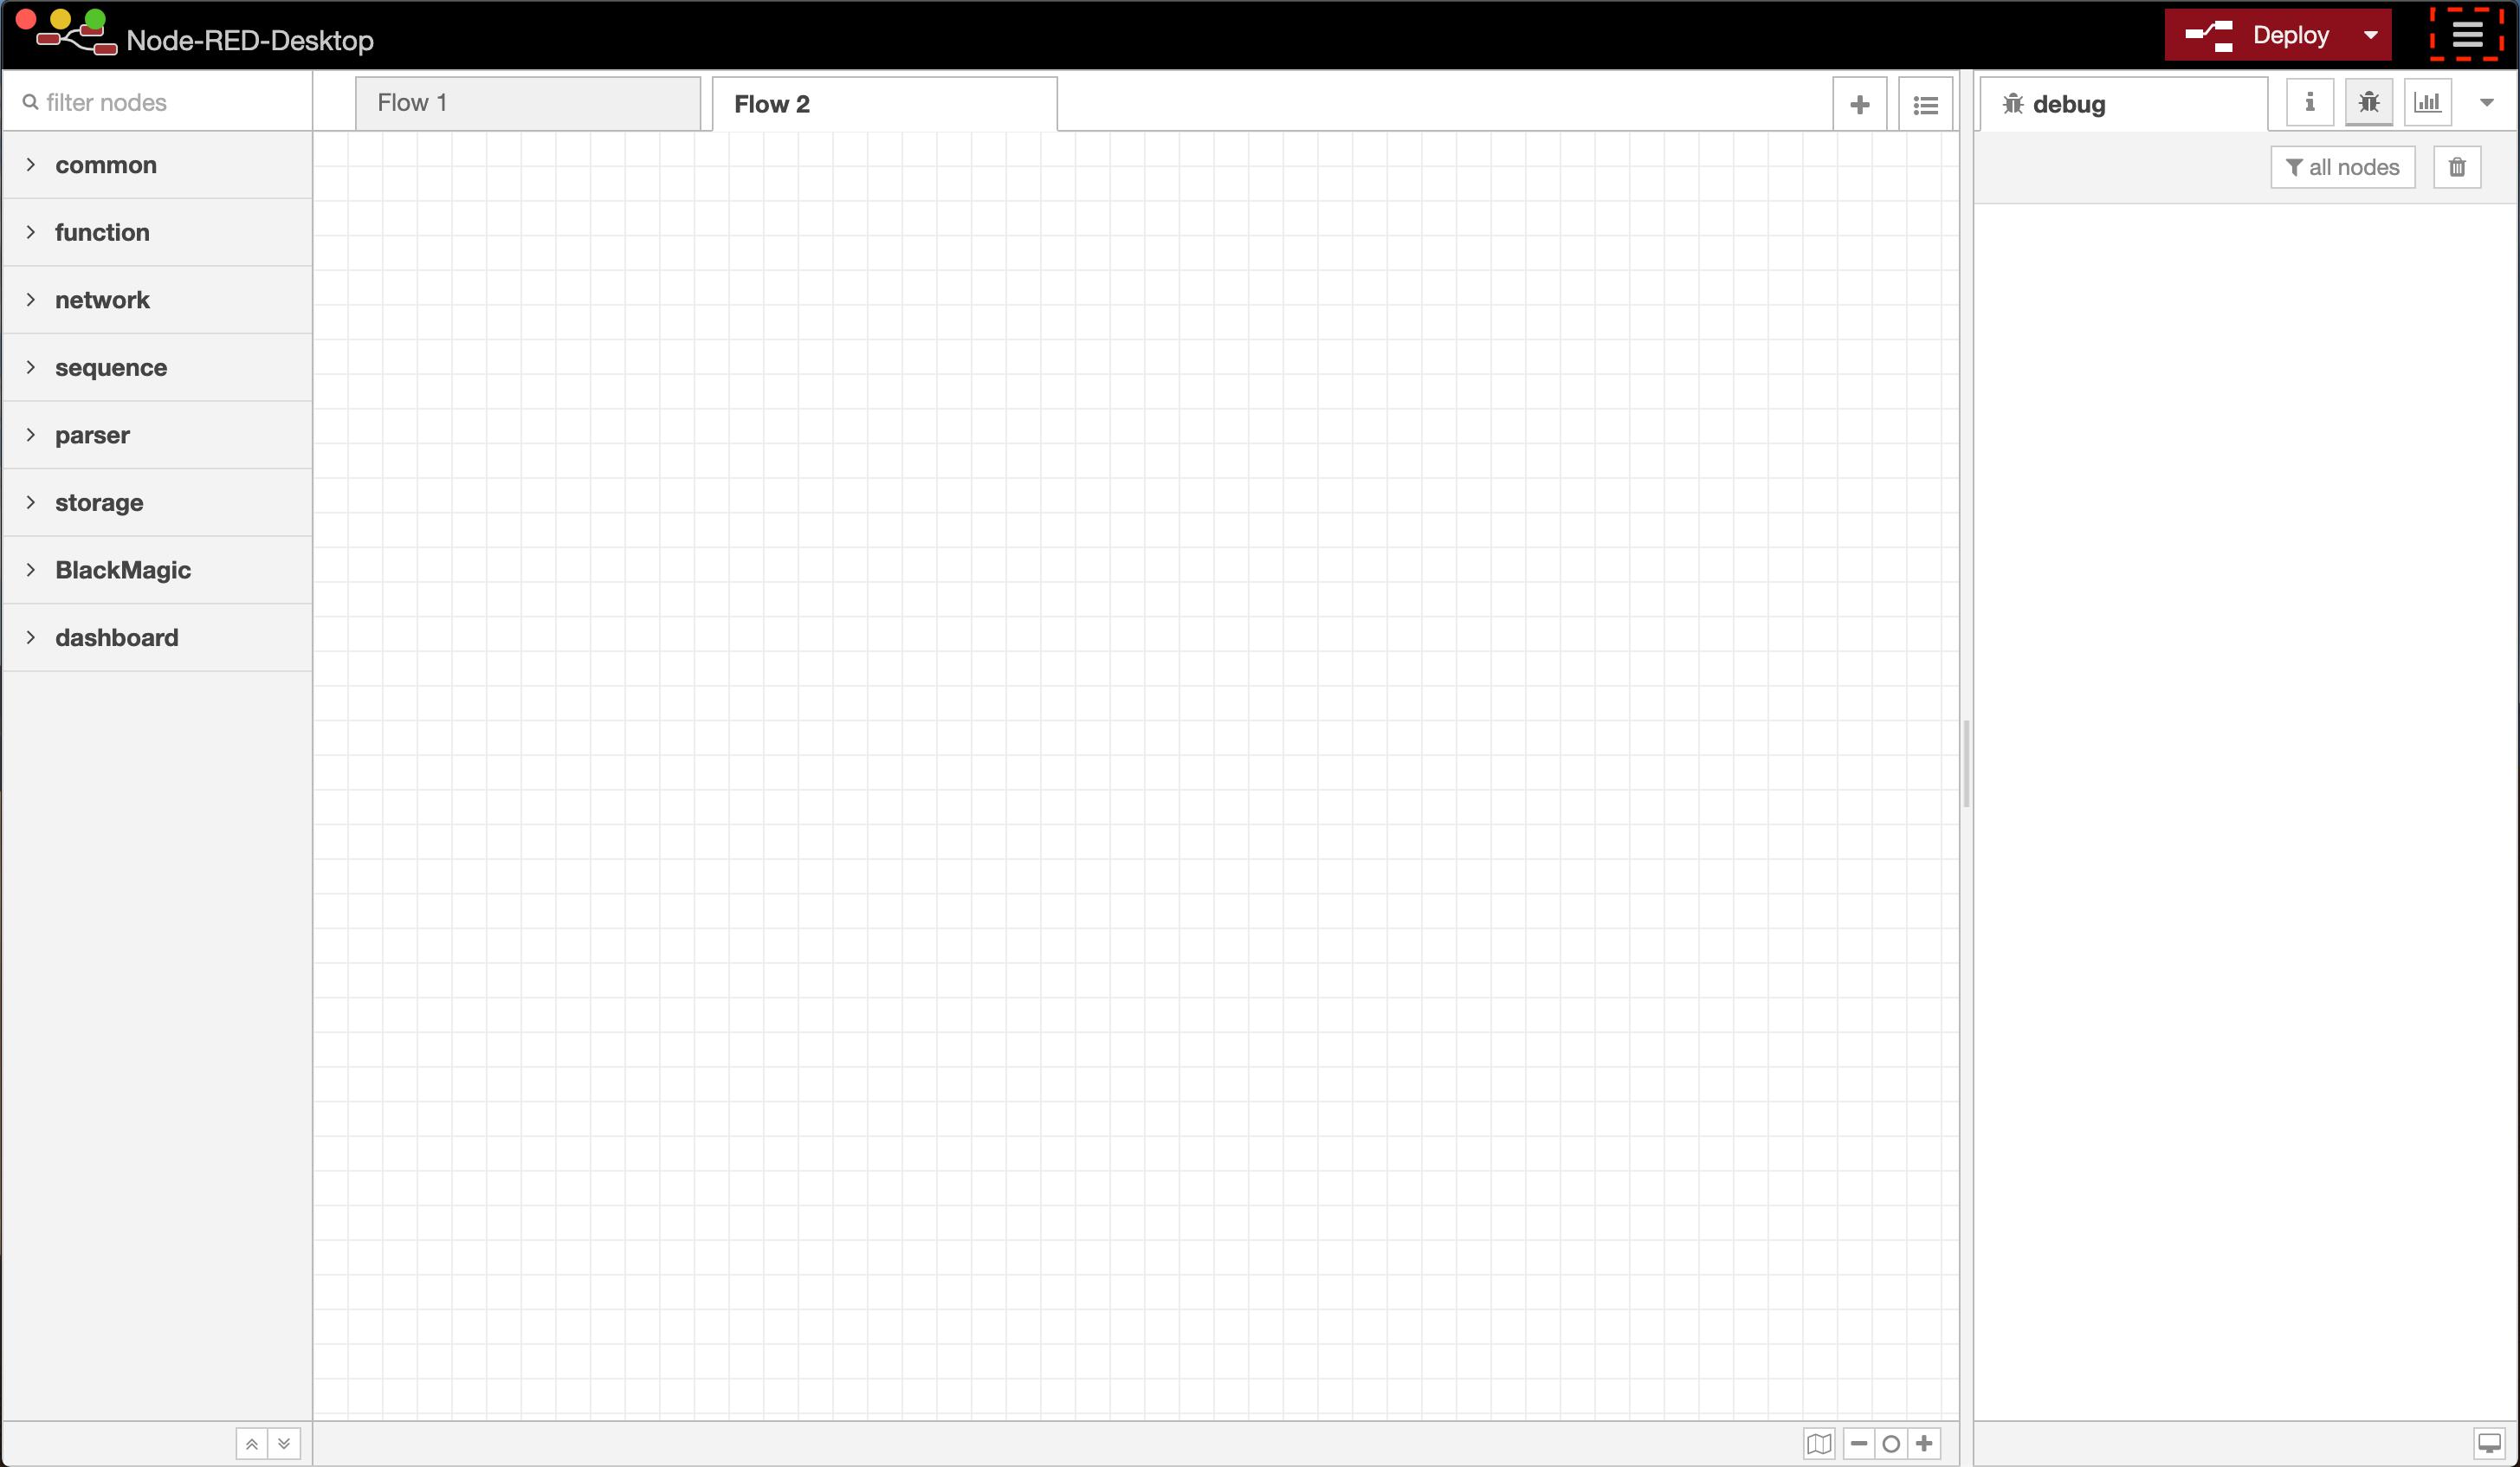 node-red_desktop.png